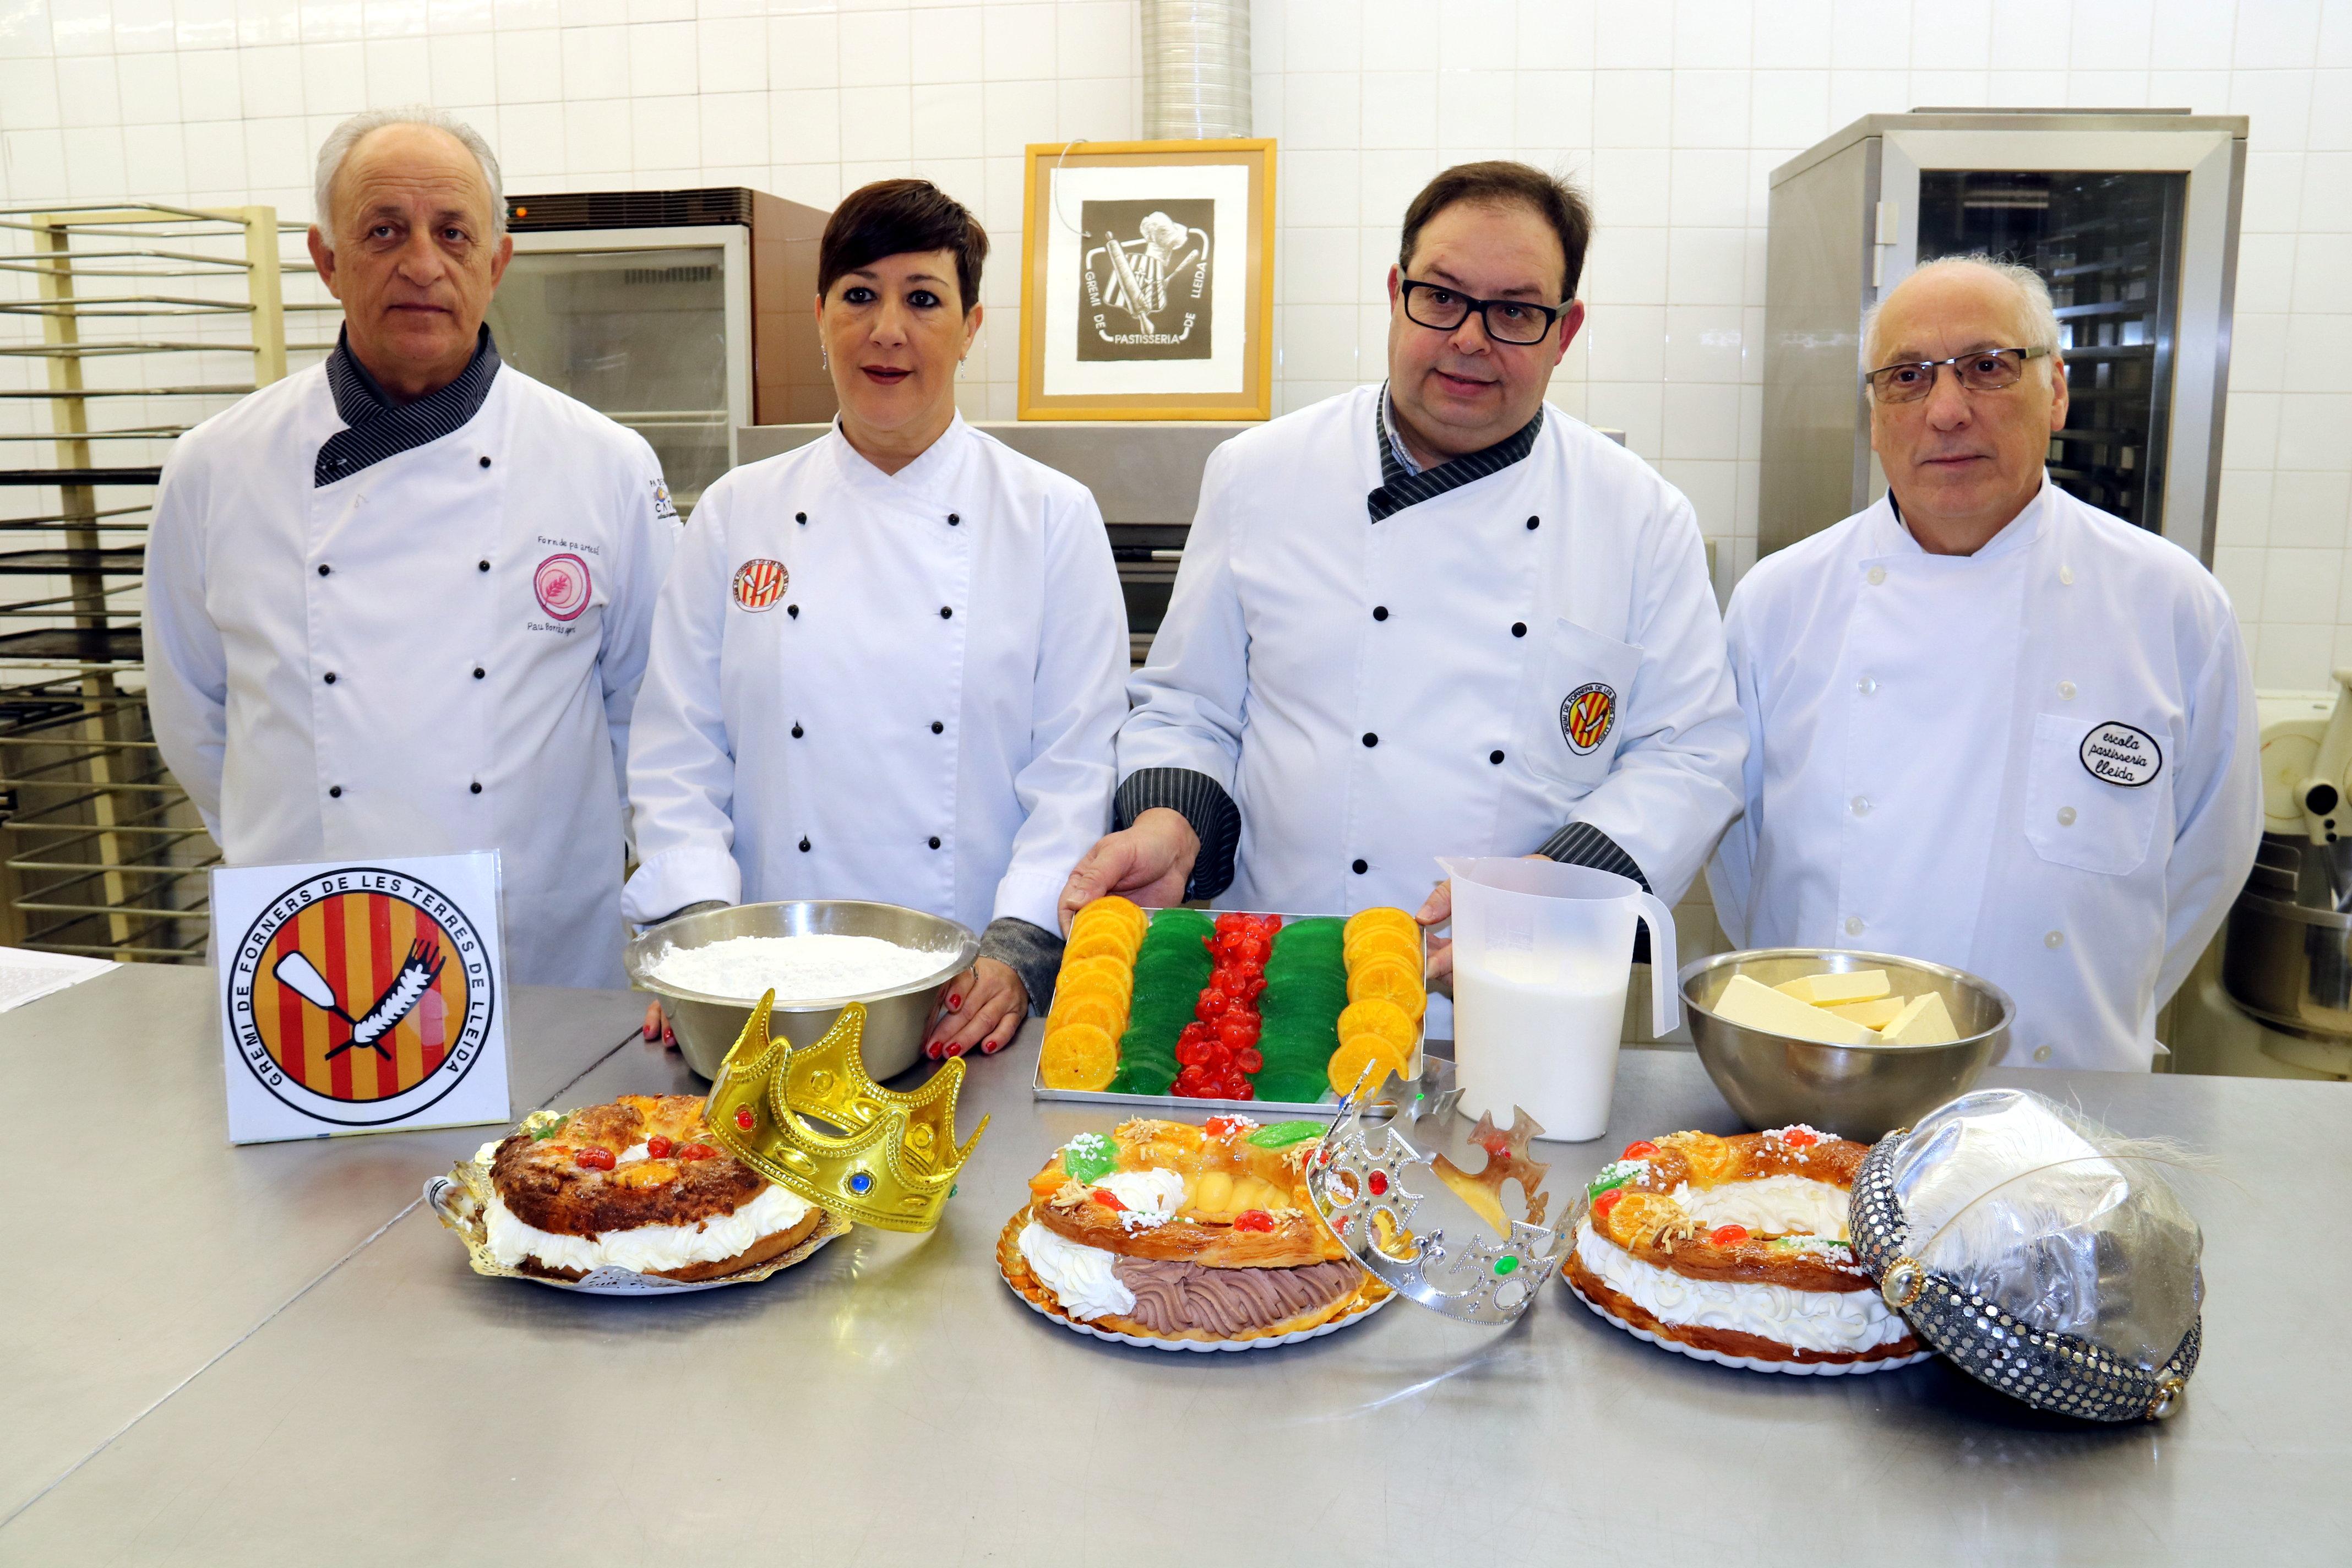 """Els forners i pastissers lleidatans reivindiquen el tortell de reis artesà davant la """"mala qualitat"""" dels industrials"""